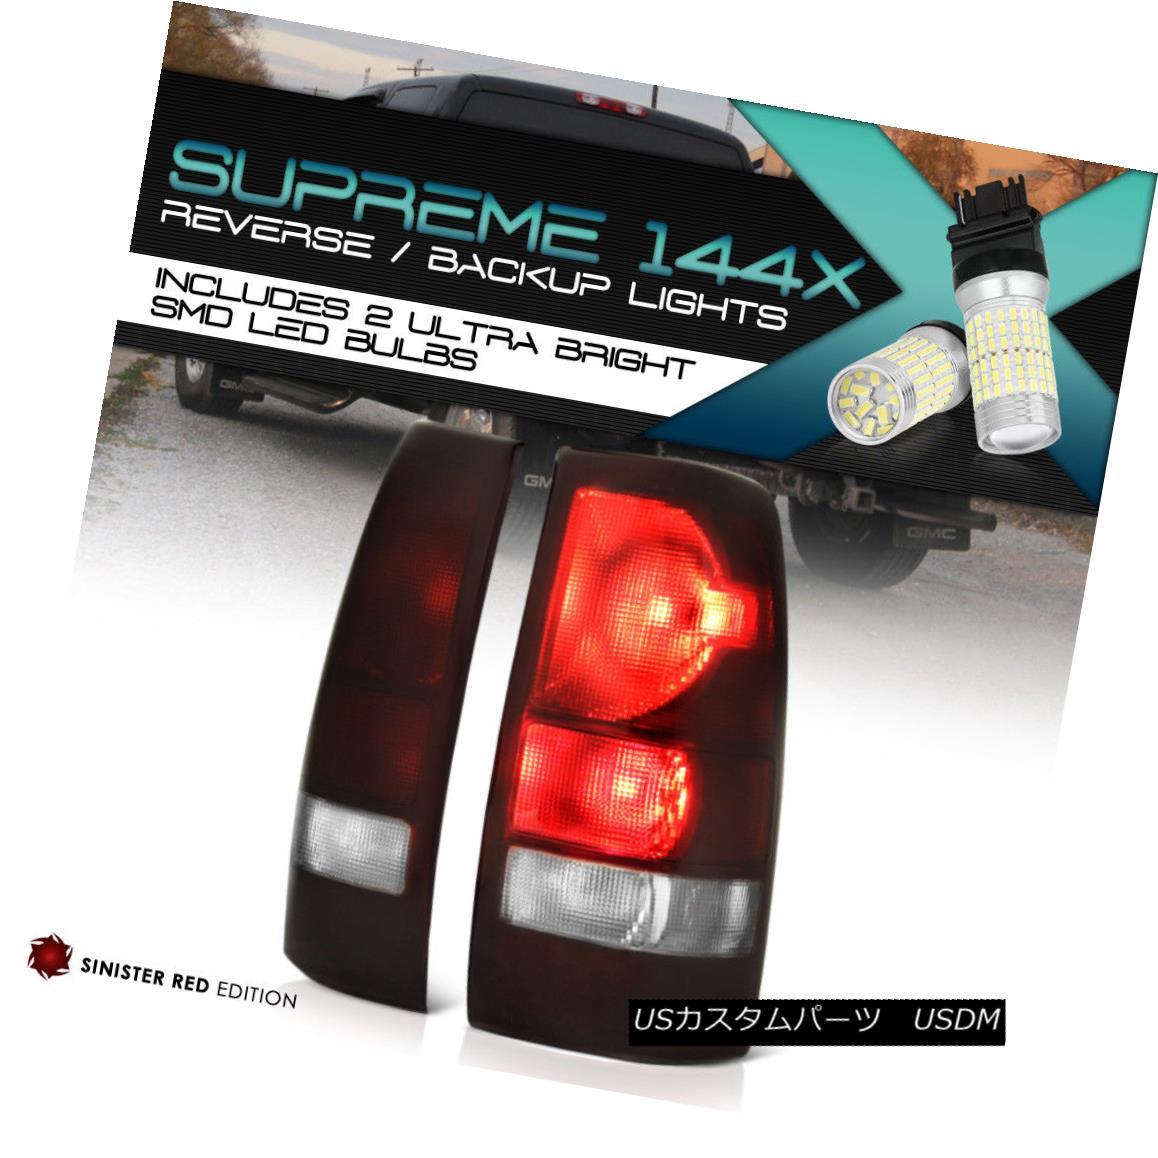 テールライト 360 DEGREE SMD BACKUP 1999-2002 Chevy Silverado 'DARK SMOKE RED' Brake Tail Lamp 360度SMDバックアップ1999-2002シボレーシルバラード「ダークソークレッド」ブレーキテールランプ